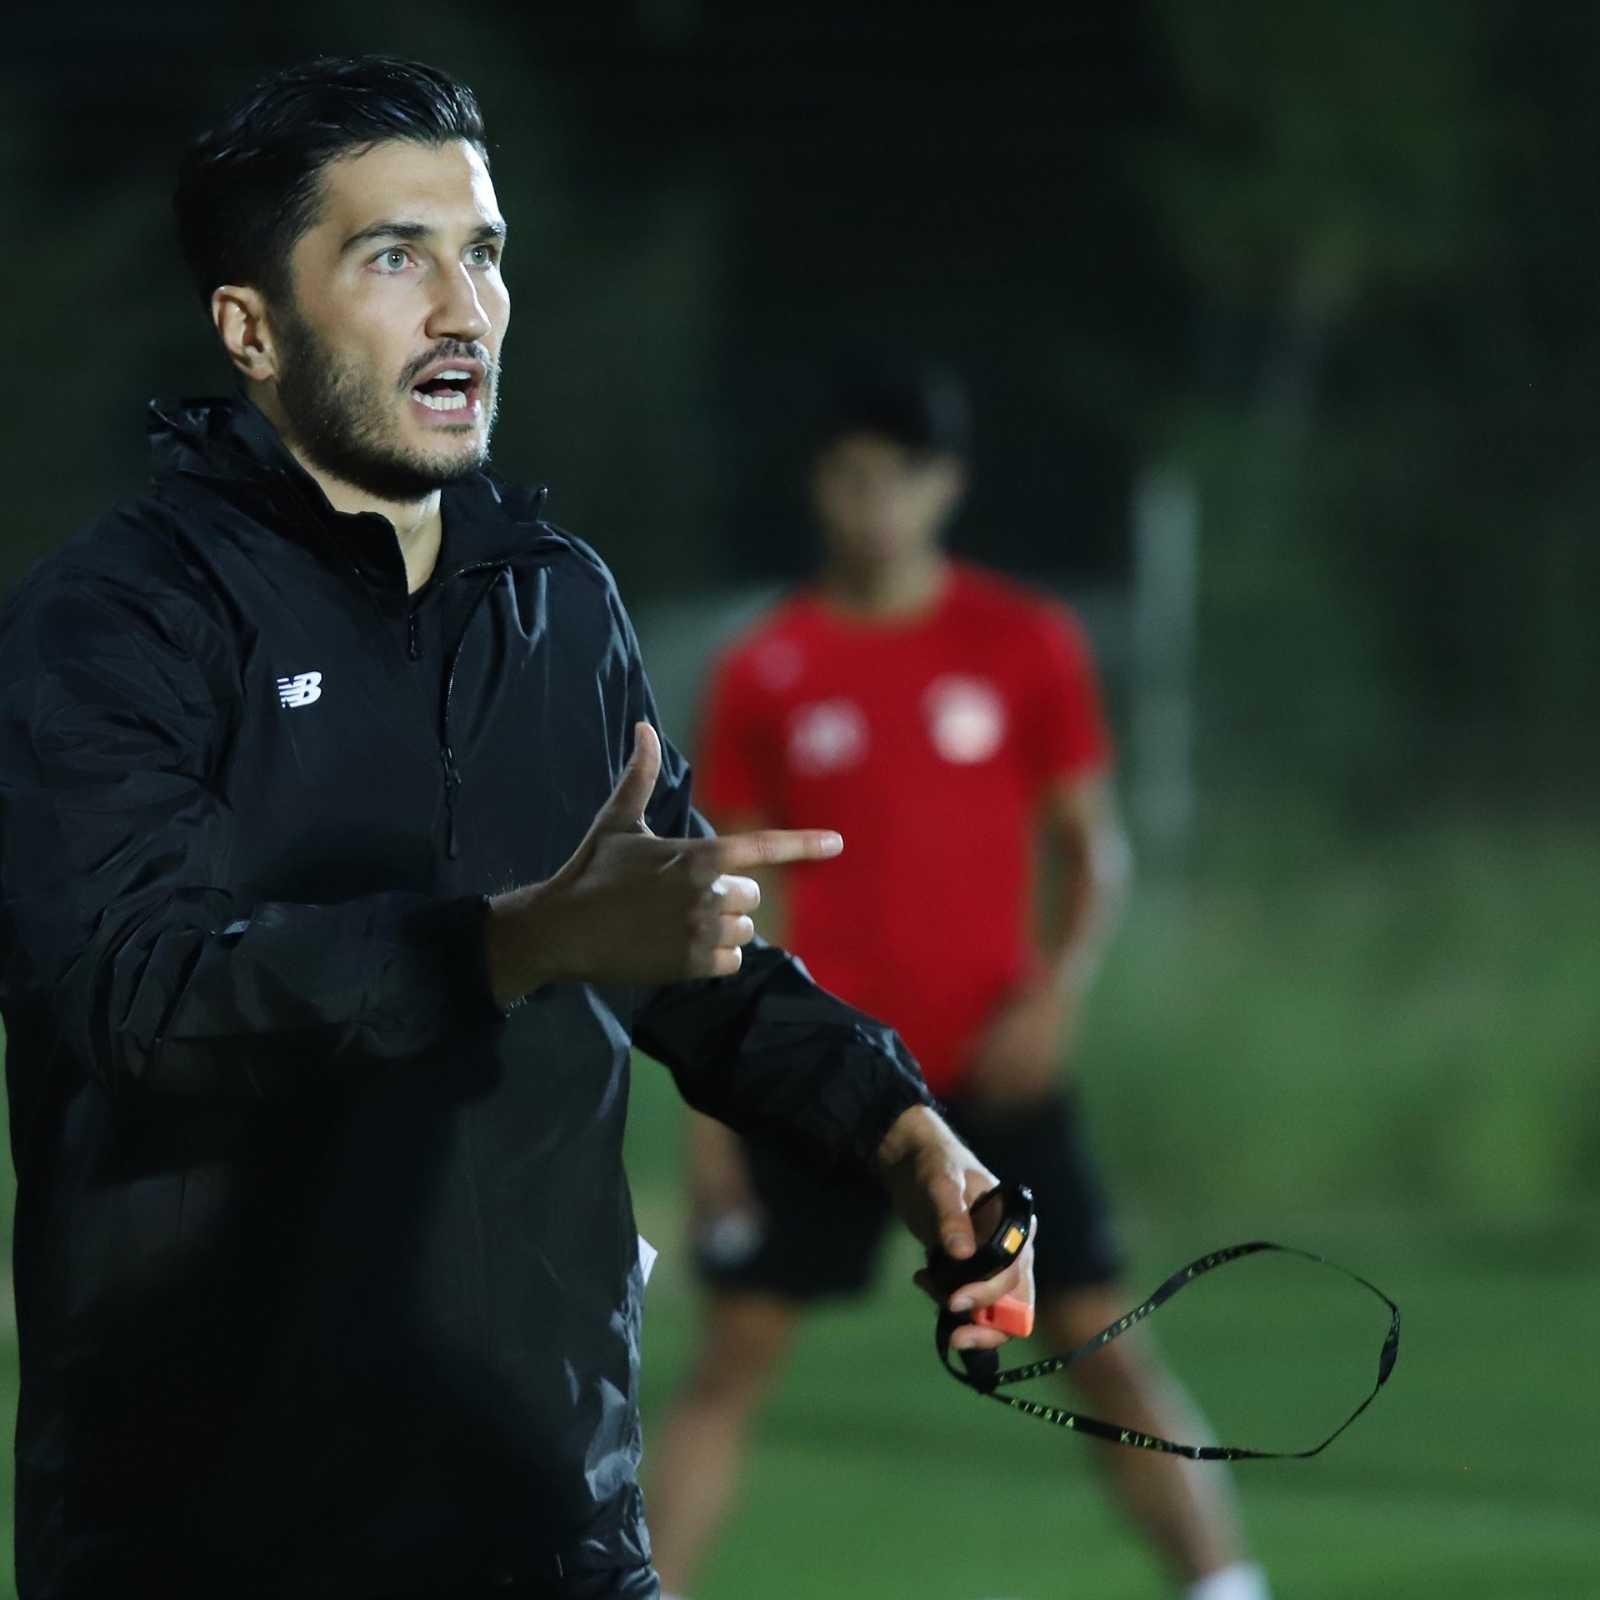 Nuri Şahin Antalyaspor'da ilk antrenmanını gerçekleştirdi